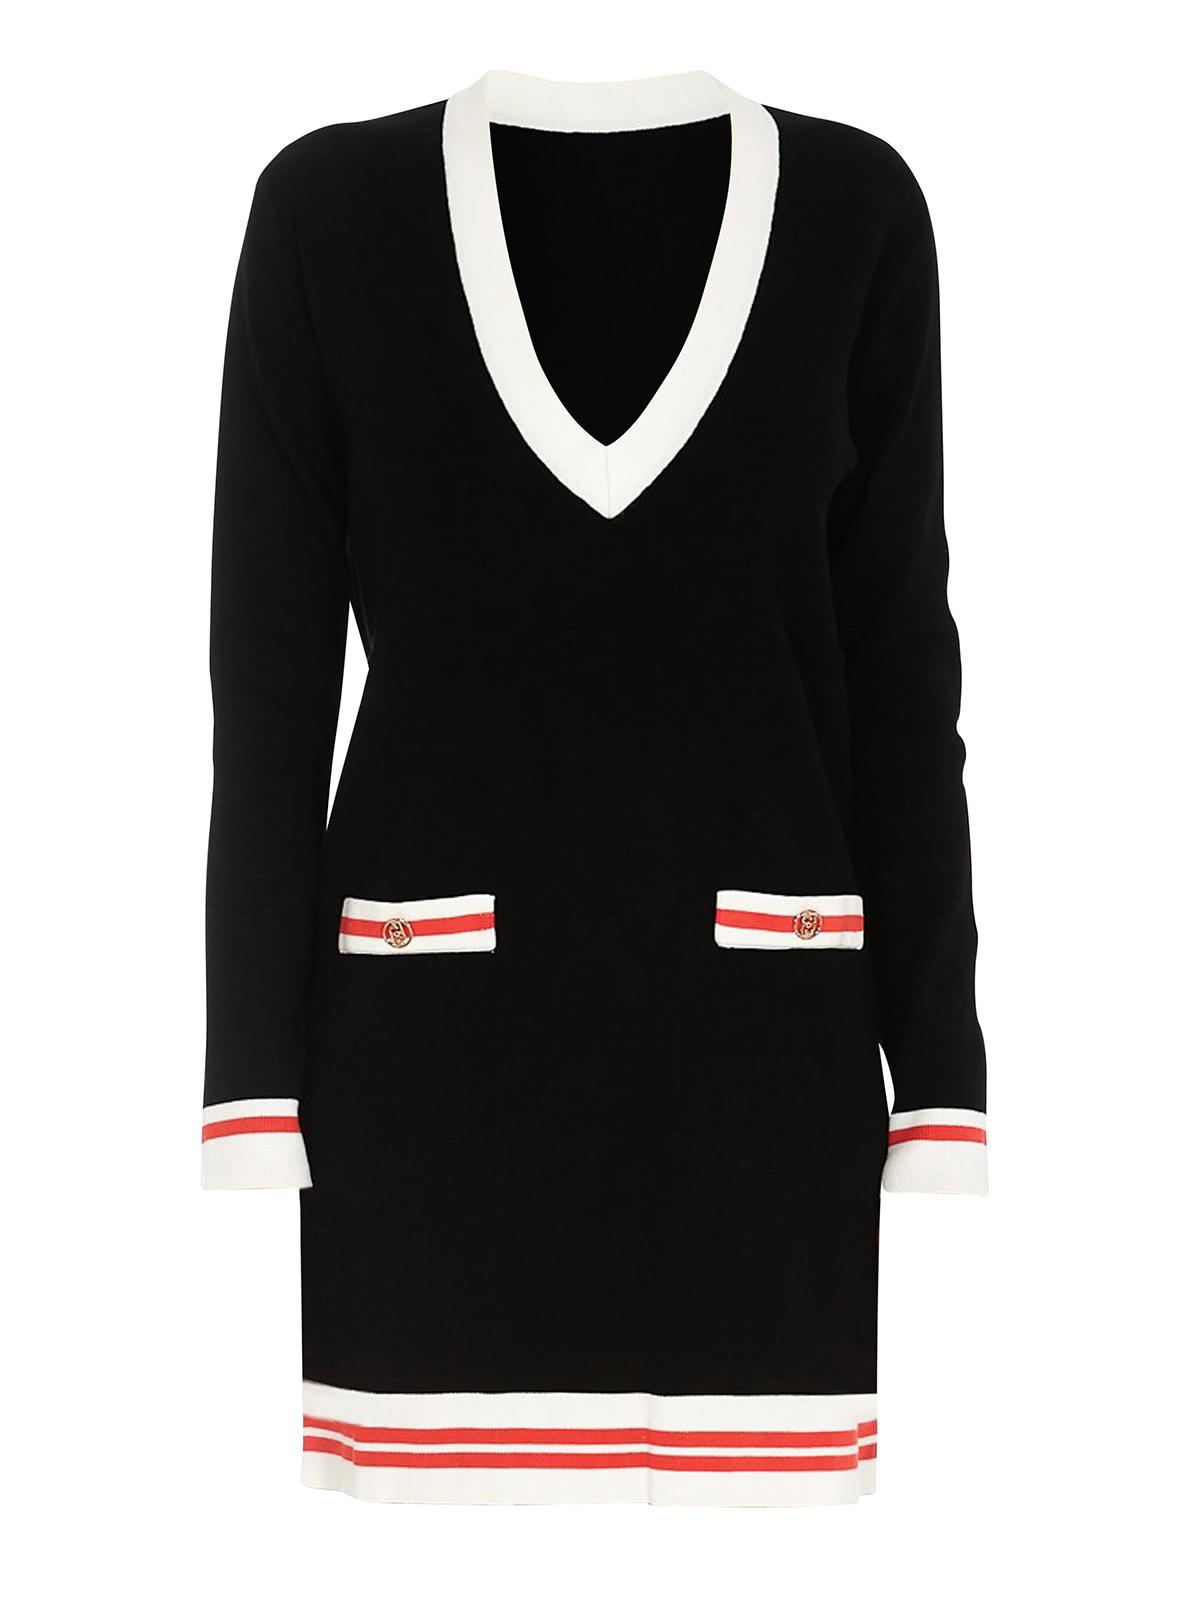 Liu •jo BLACK V-NECKLINE DRESS